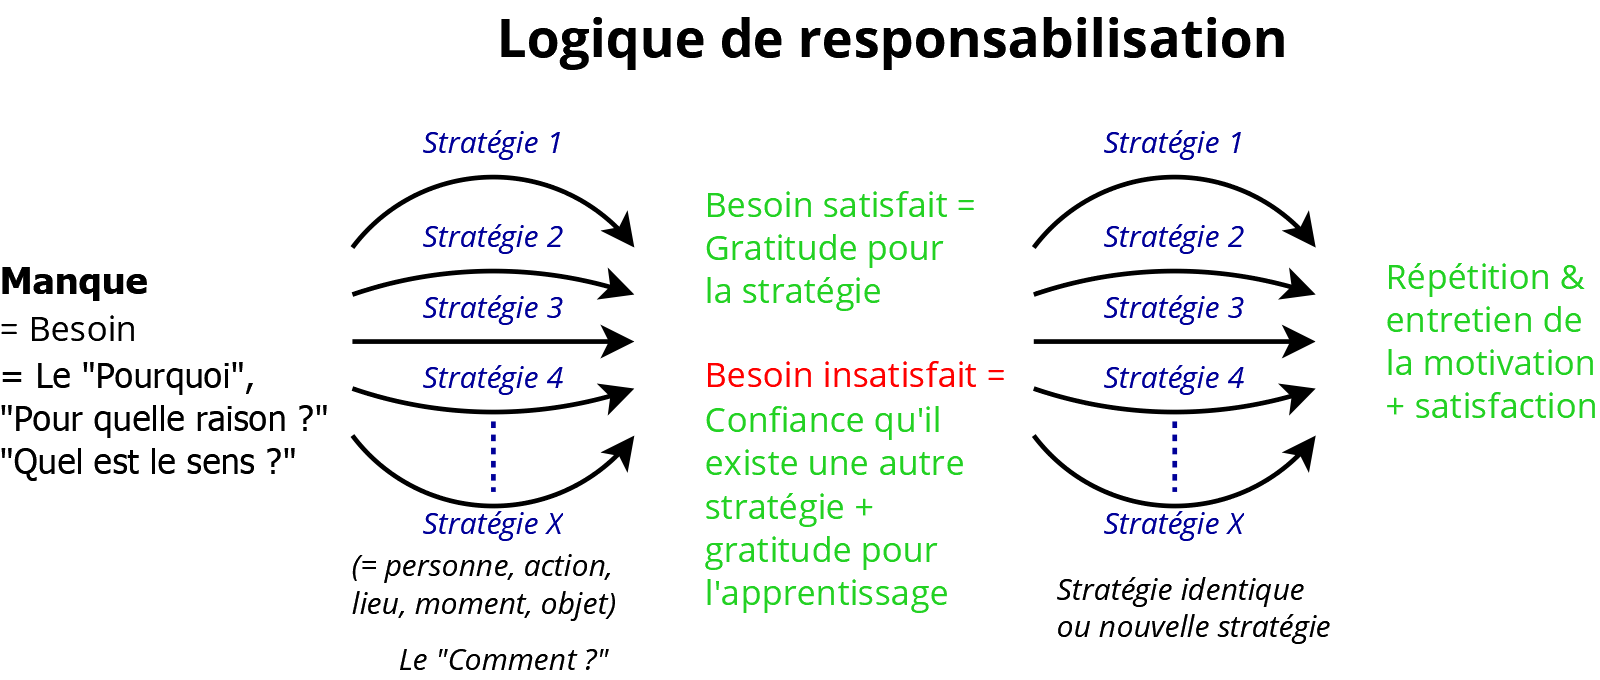 Motivation et logique de responsabilisation